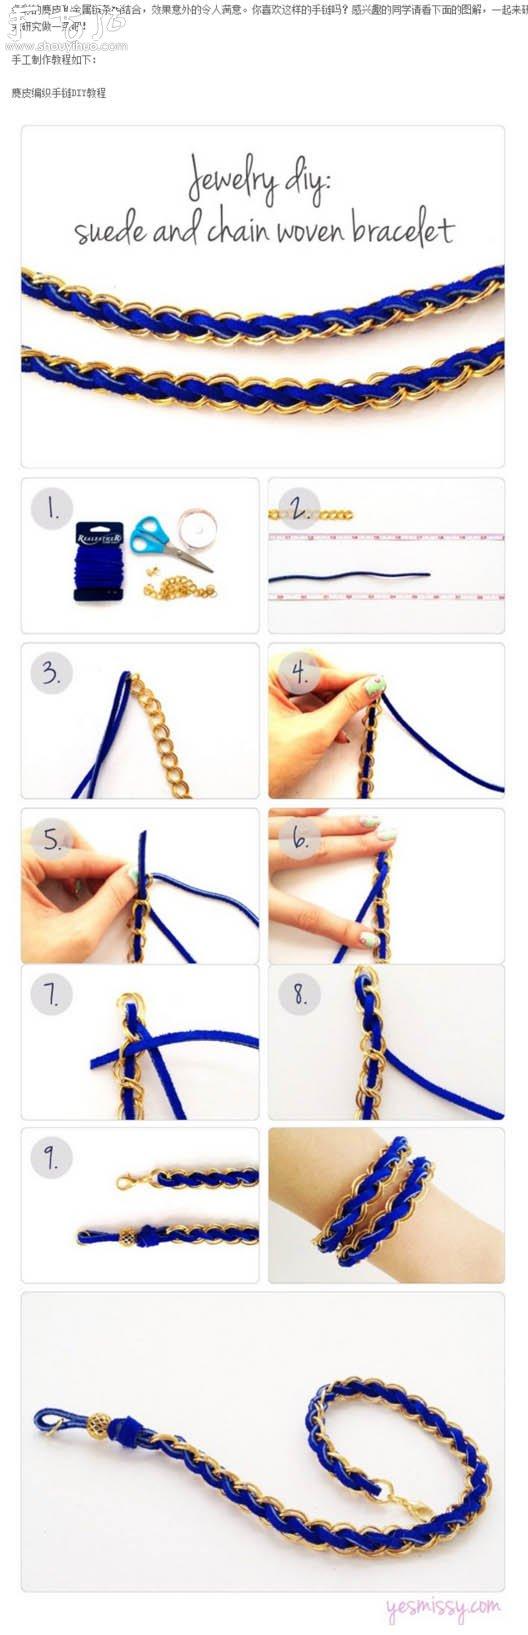 繩子和金屬鏈編織漂亮手鏈的教程